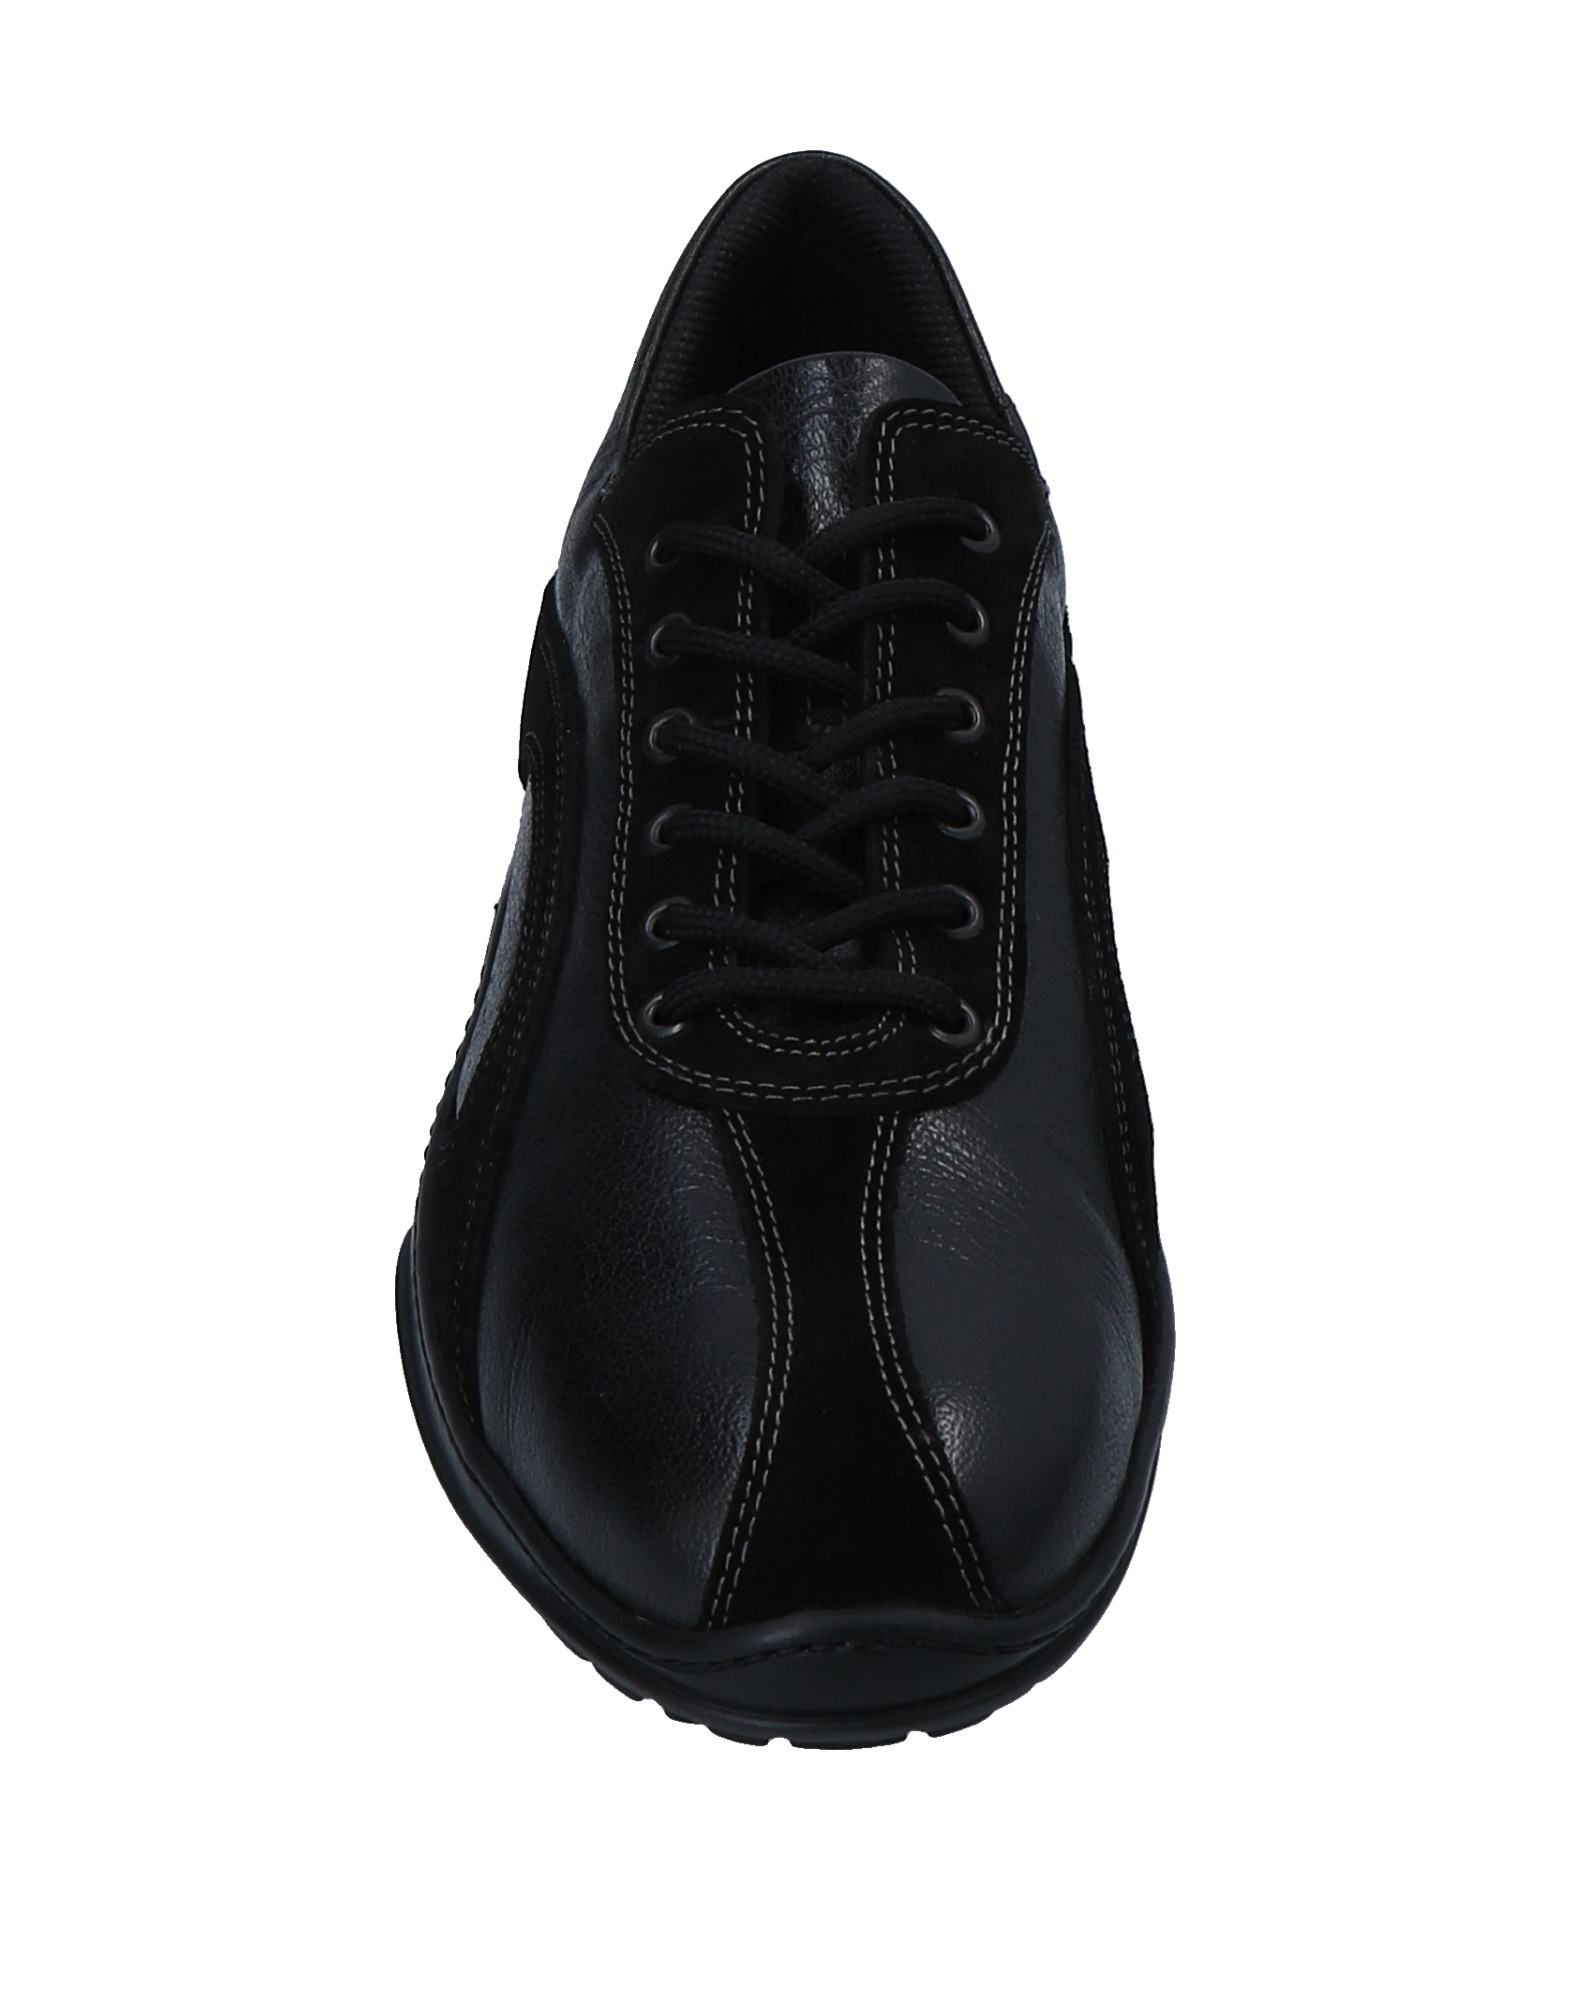 Rabatt Herren echte Schuhe Valleverde Sneakers Herren Rabatt  11551901XS 2b1dd9